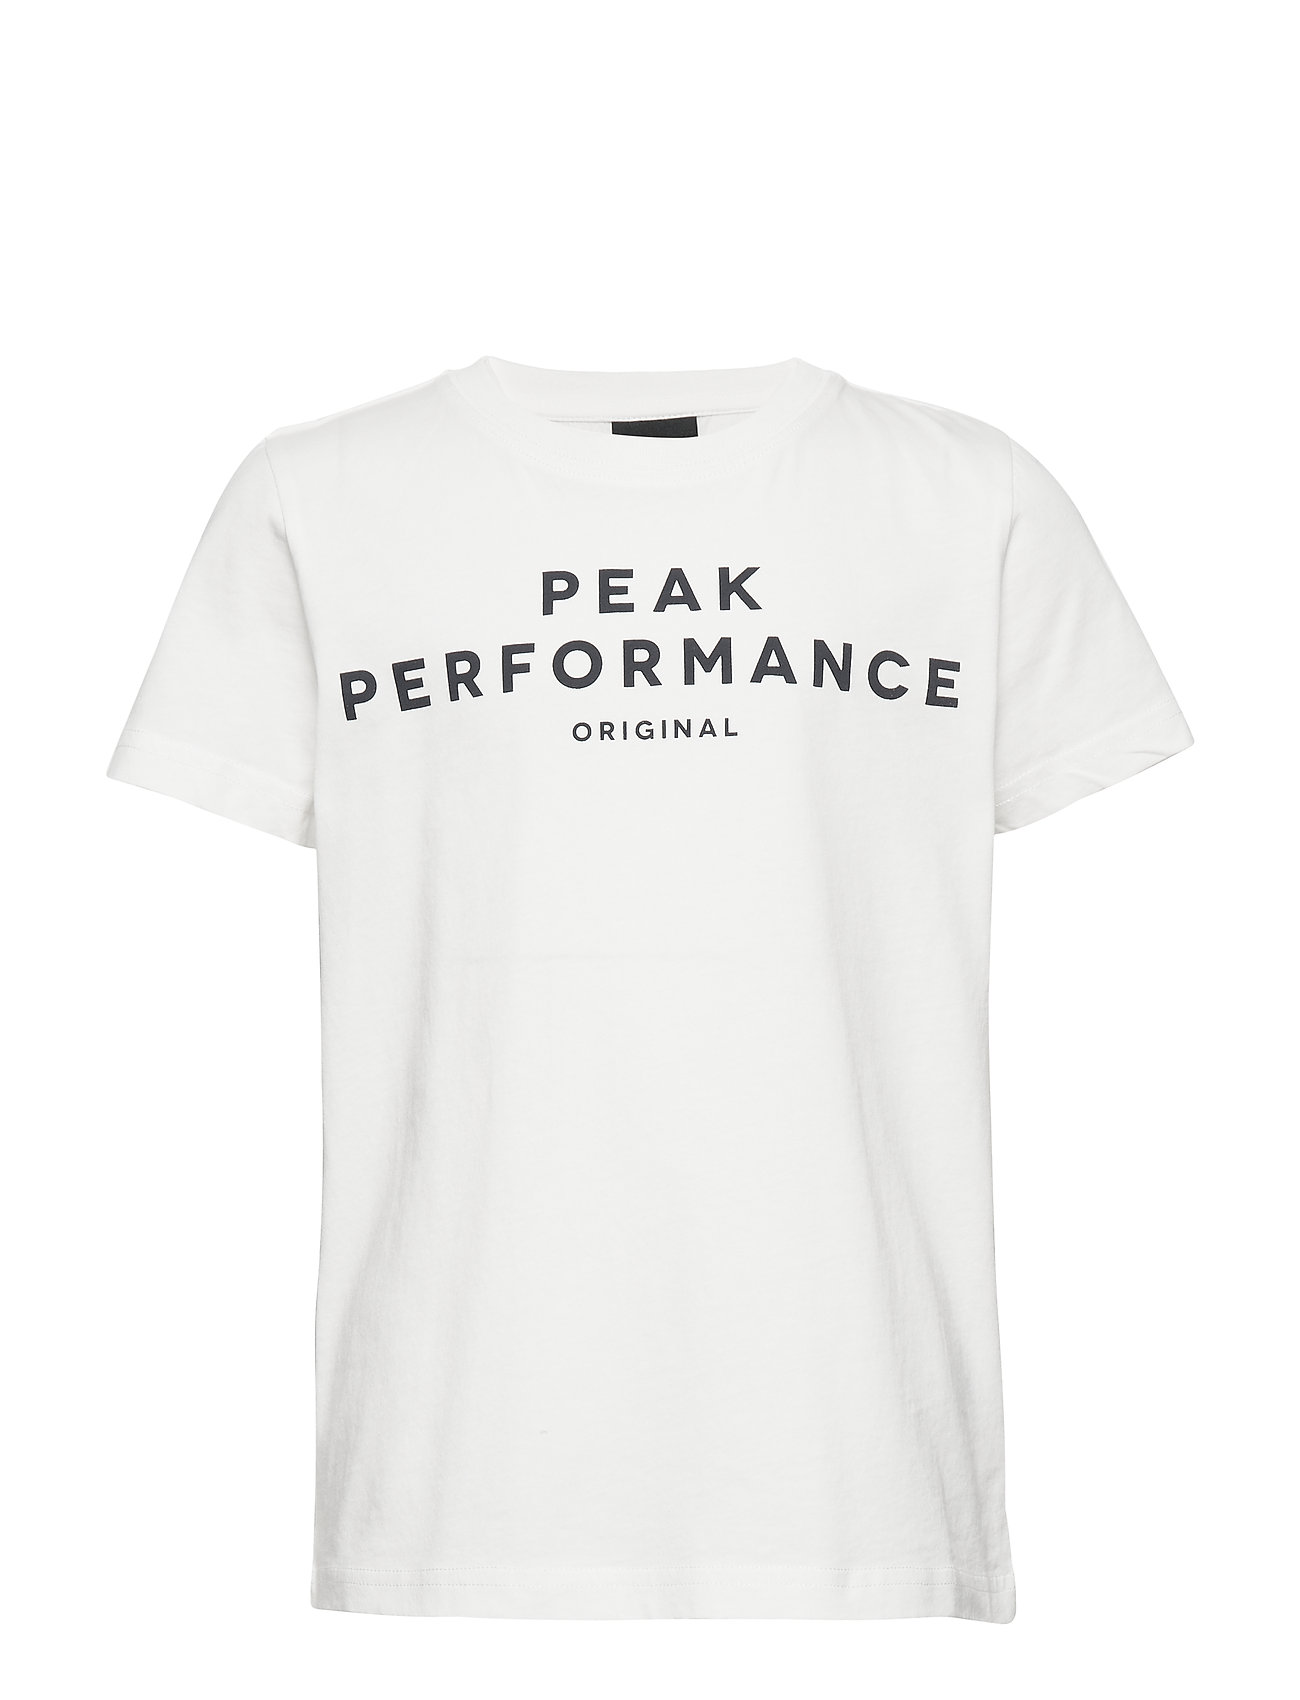 Peak Performance JR ORIG T - OFFWHITE